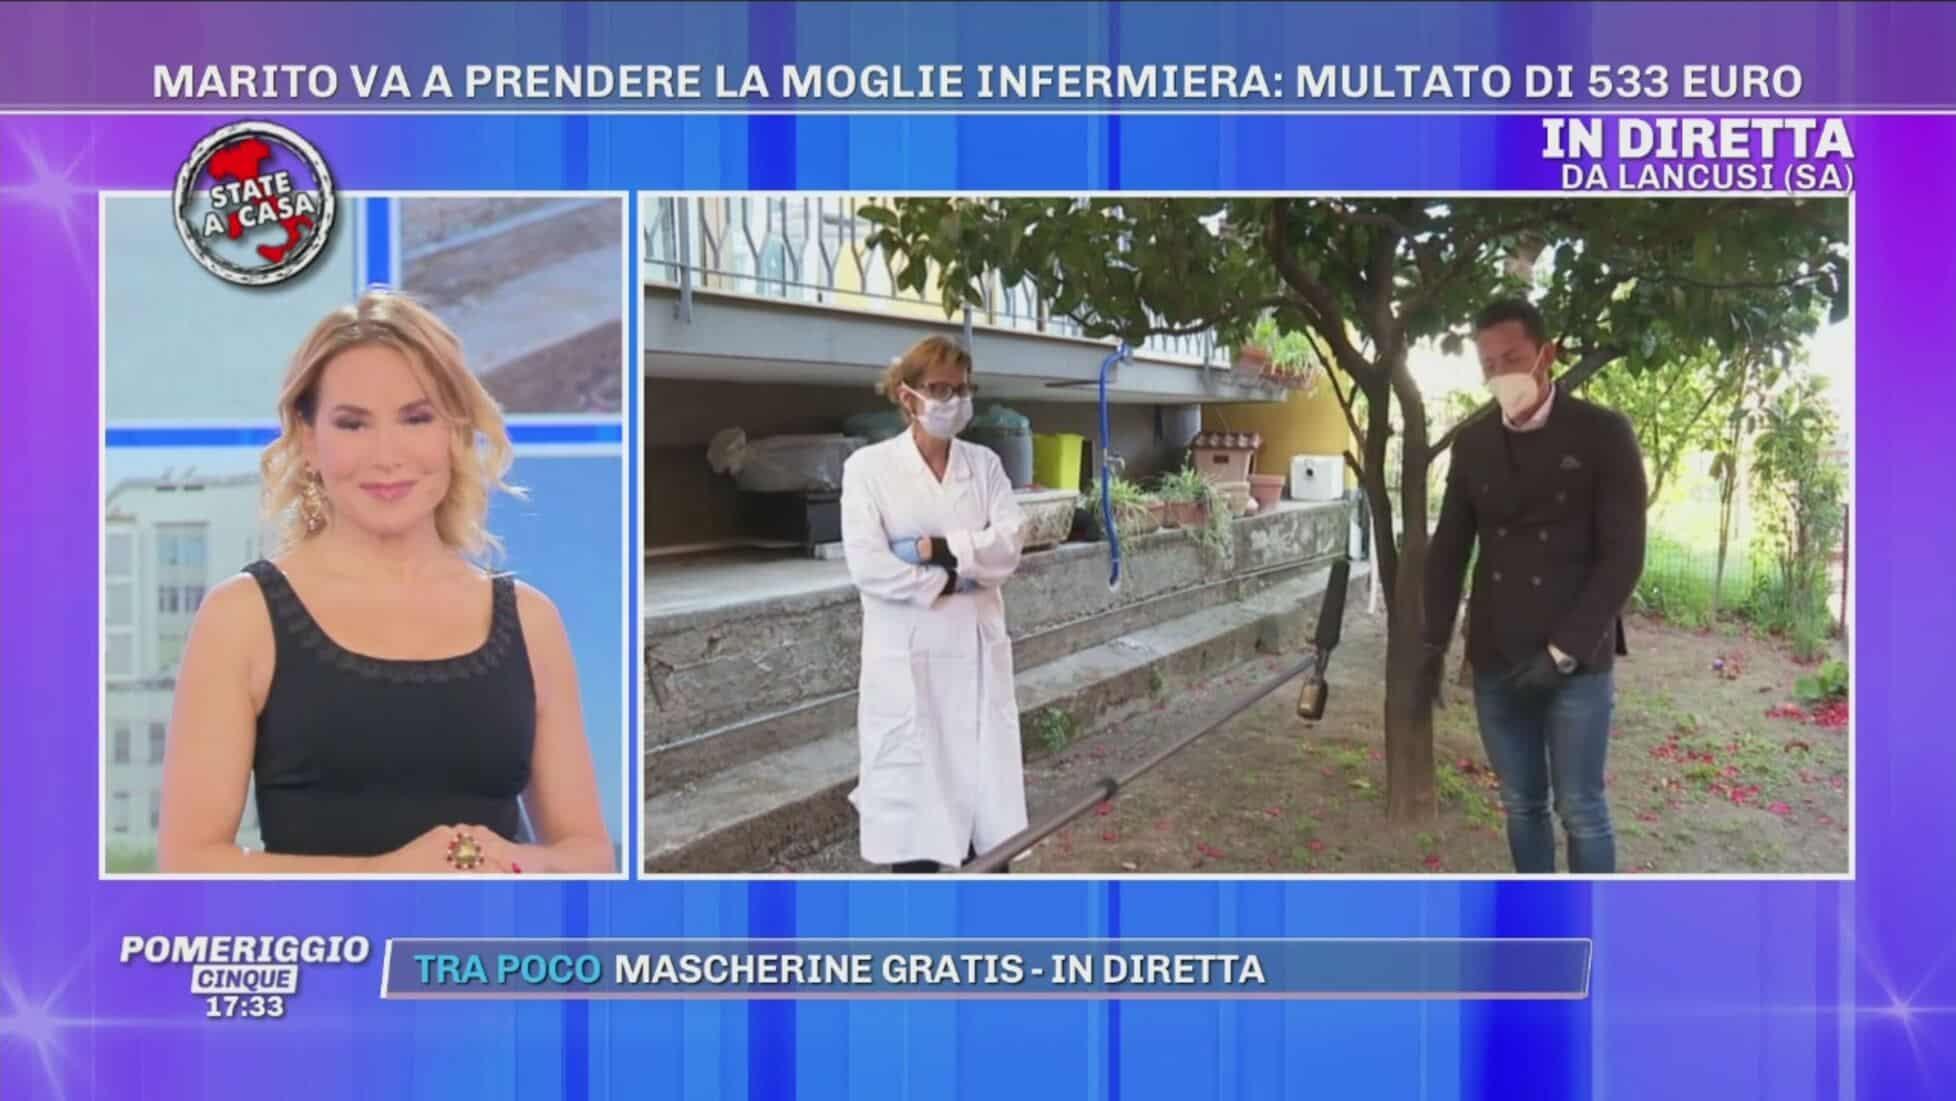 Coronavirus, è in giro per fare beneficenza, la polizia lo ferma e gli fa una multa di 400 euro